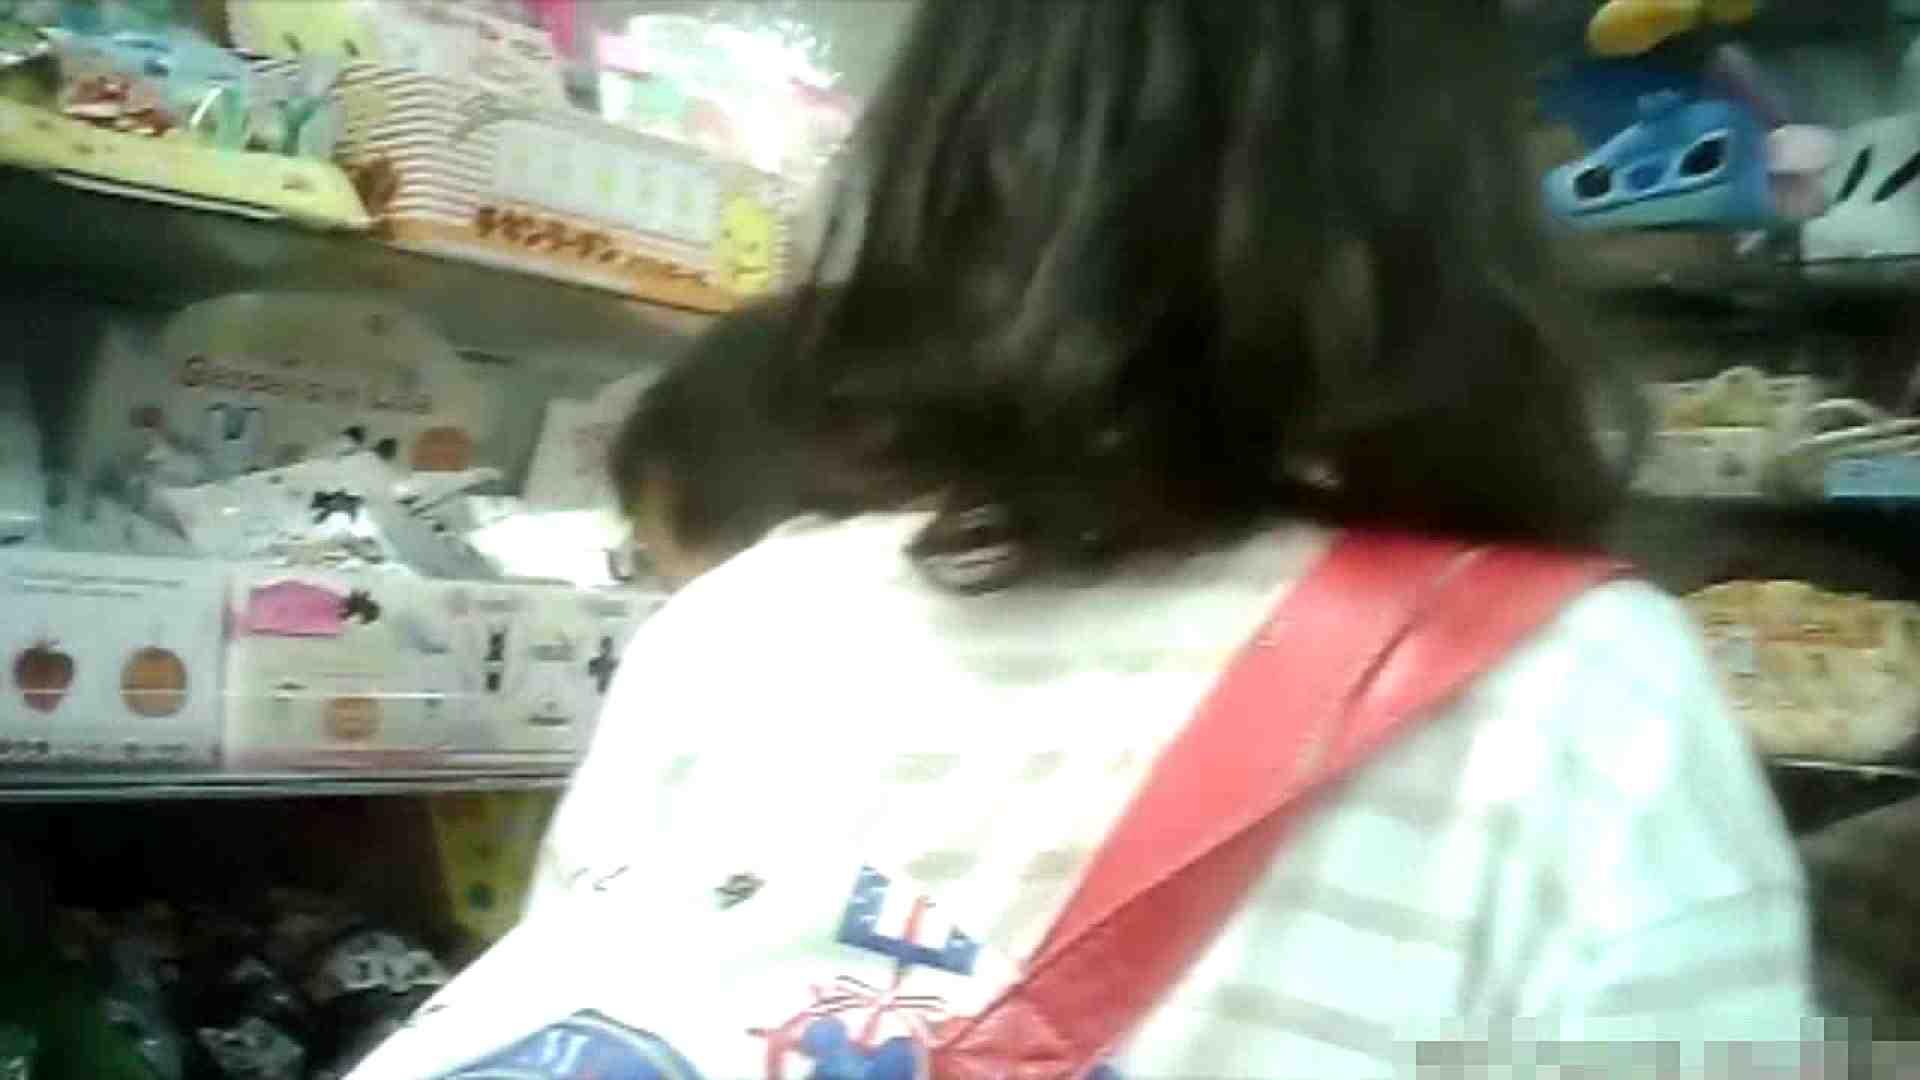 無修正エロ動画|NO.5 意外に豊満な胸の雑貨屋で物色中のお女市さん|怪盗ジョーカー